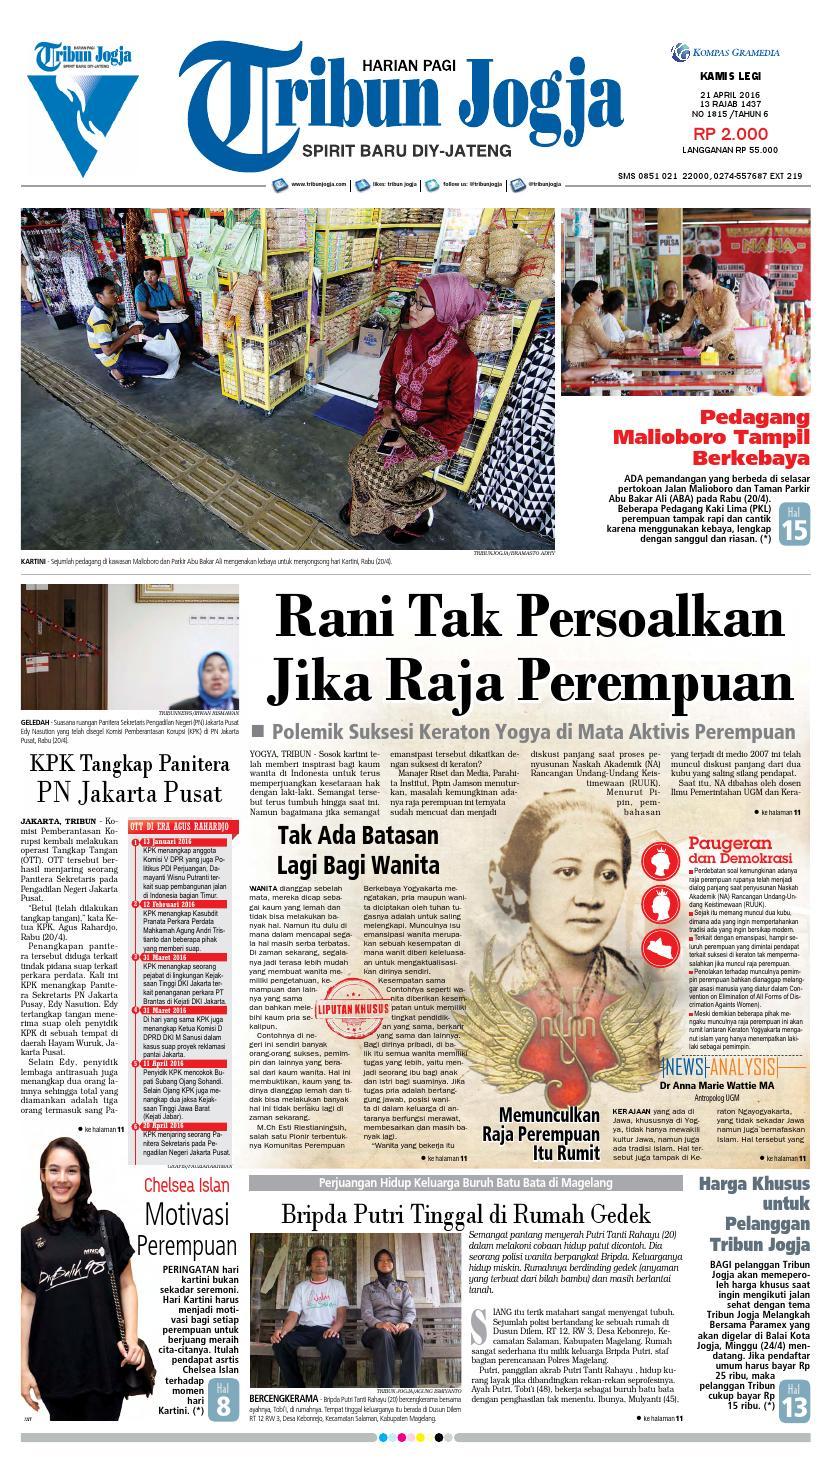 Tribunjogja 13 01 2016 By Tribun Jogja Issuu Fcenter Meja Rias Siantano Mr 905 Jawa Tengahdiyjawa Timur 21 04